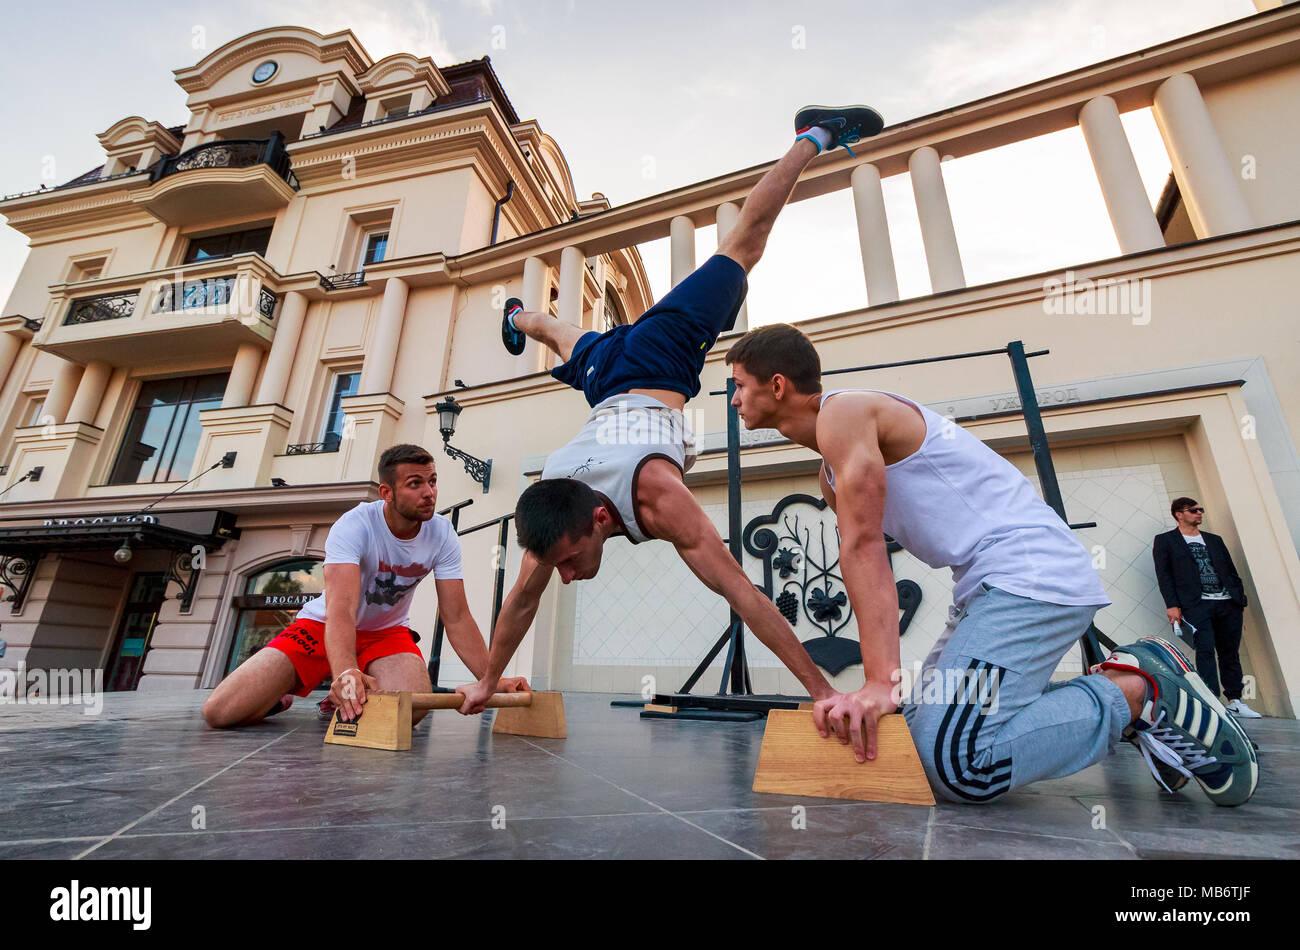 Uzhgorod, Ucraina - Giu 10, 2016: i partecipanti di sport all'aperto la concorrenza. allenamento campionato Uzhgorod. I giovani mostrano la loro abilità sul aren Immagini Stock